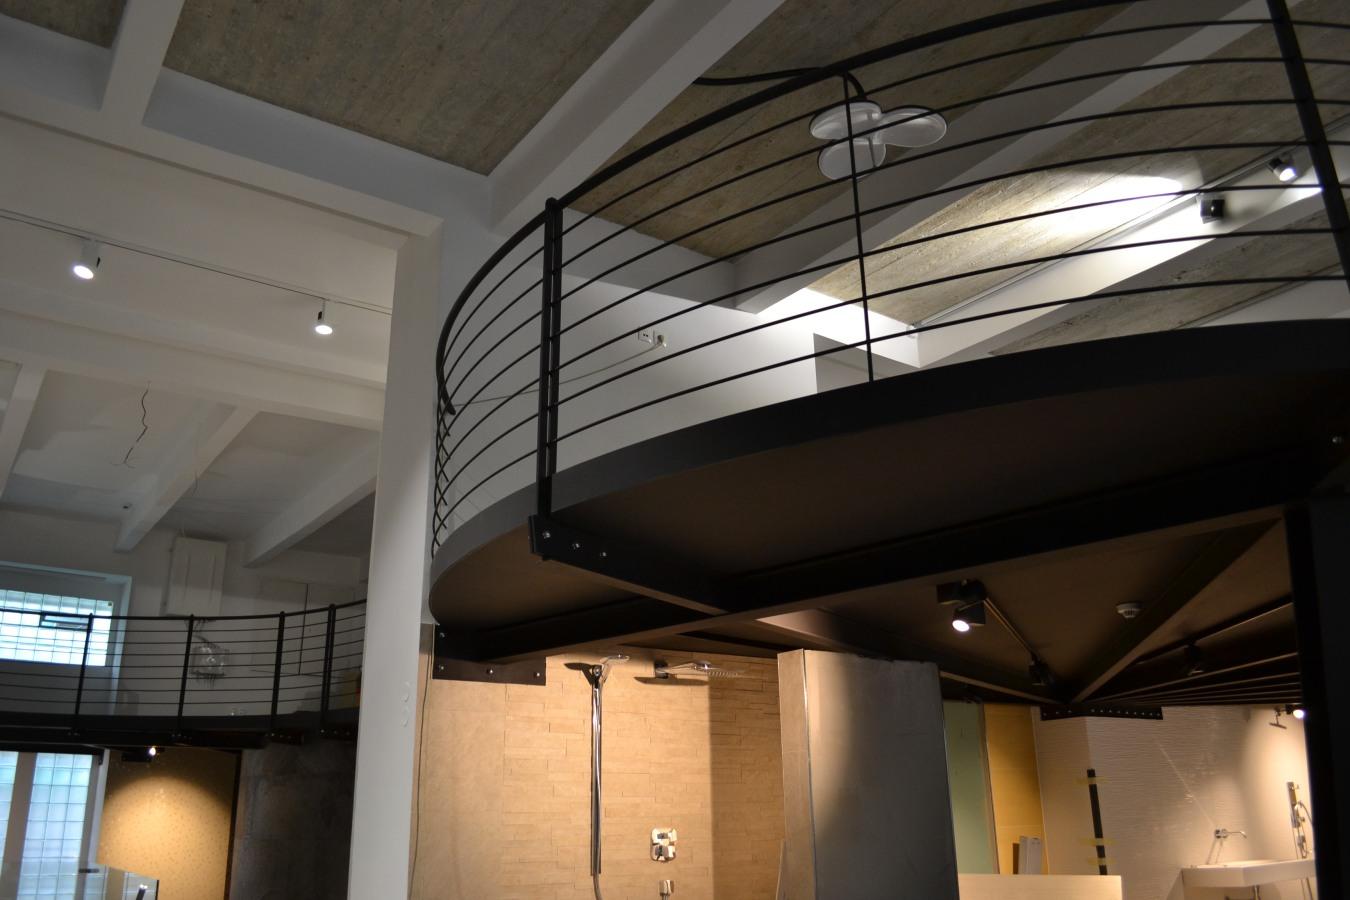 Studio Sokolovská v Praze změněno na Centrum Křižíkova slide 5